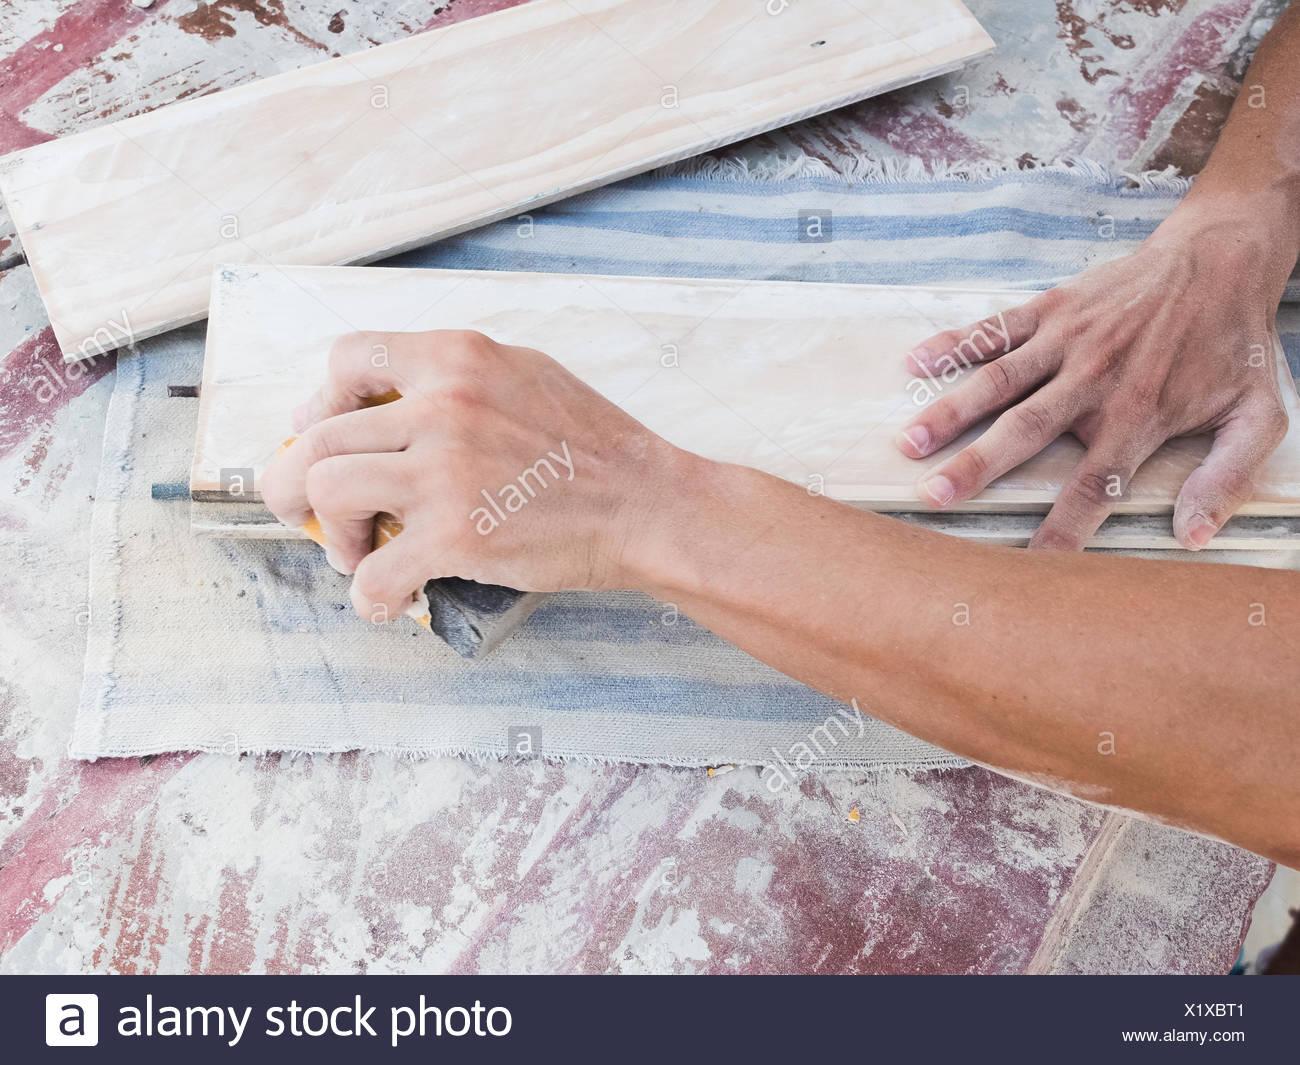 La main coupée de menuisier travaillant en atelier Photo Stock